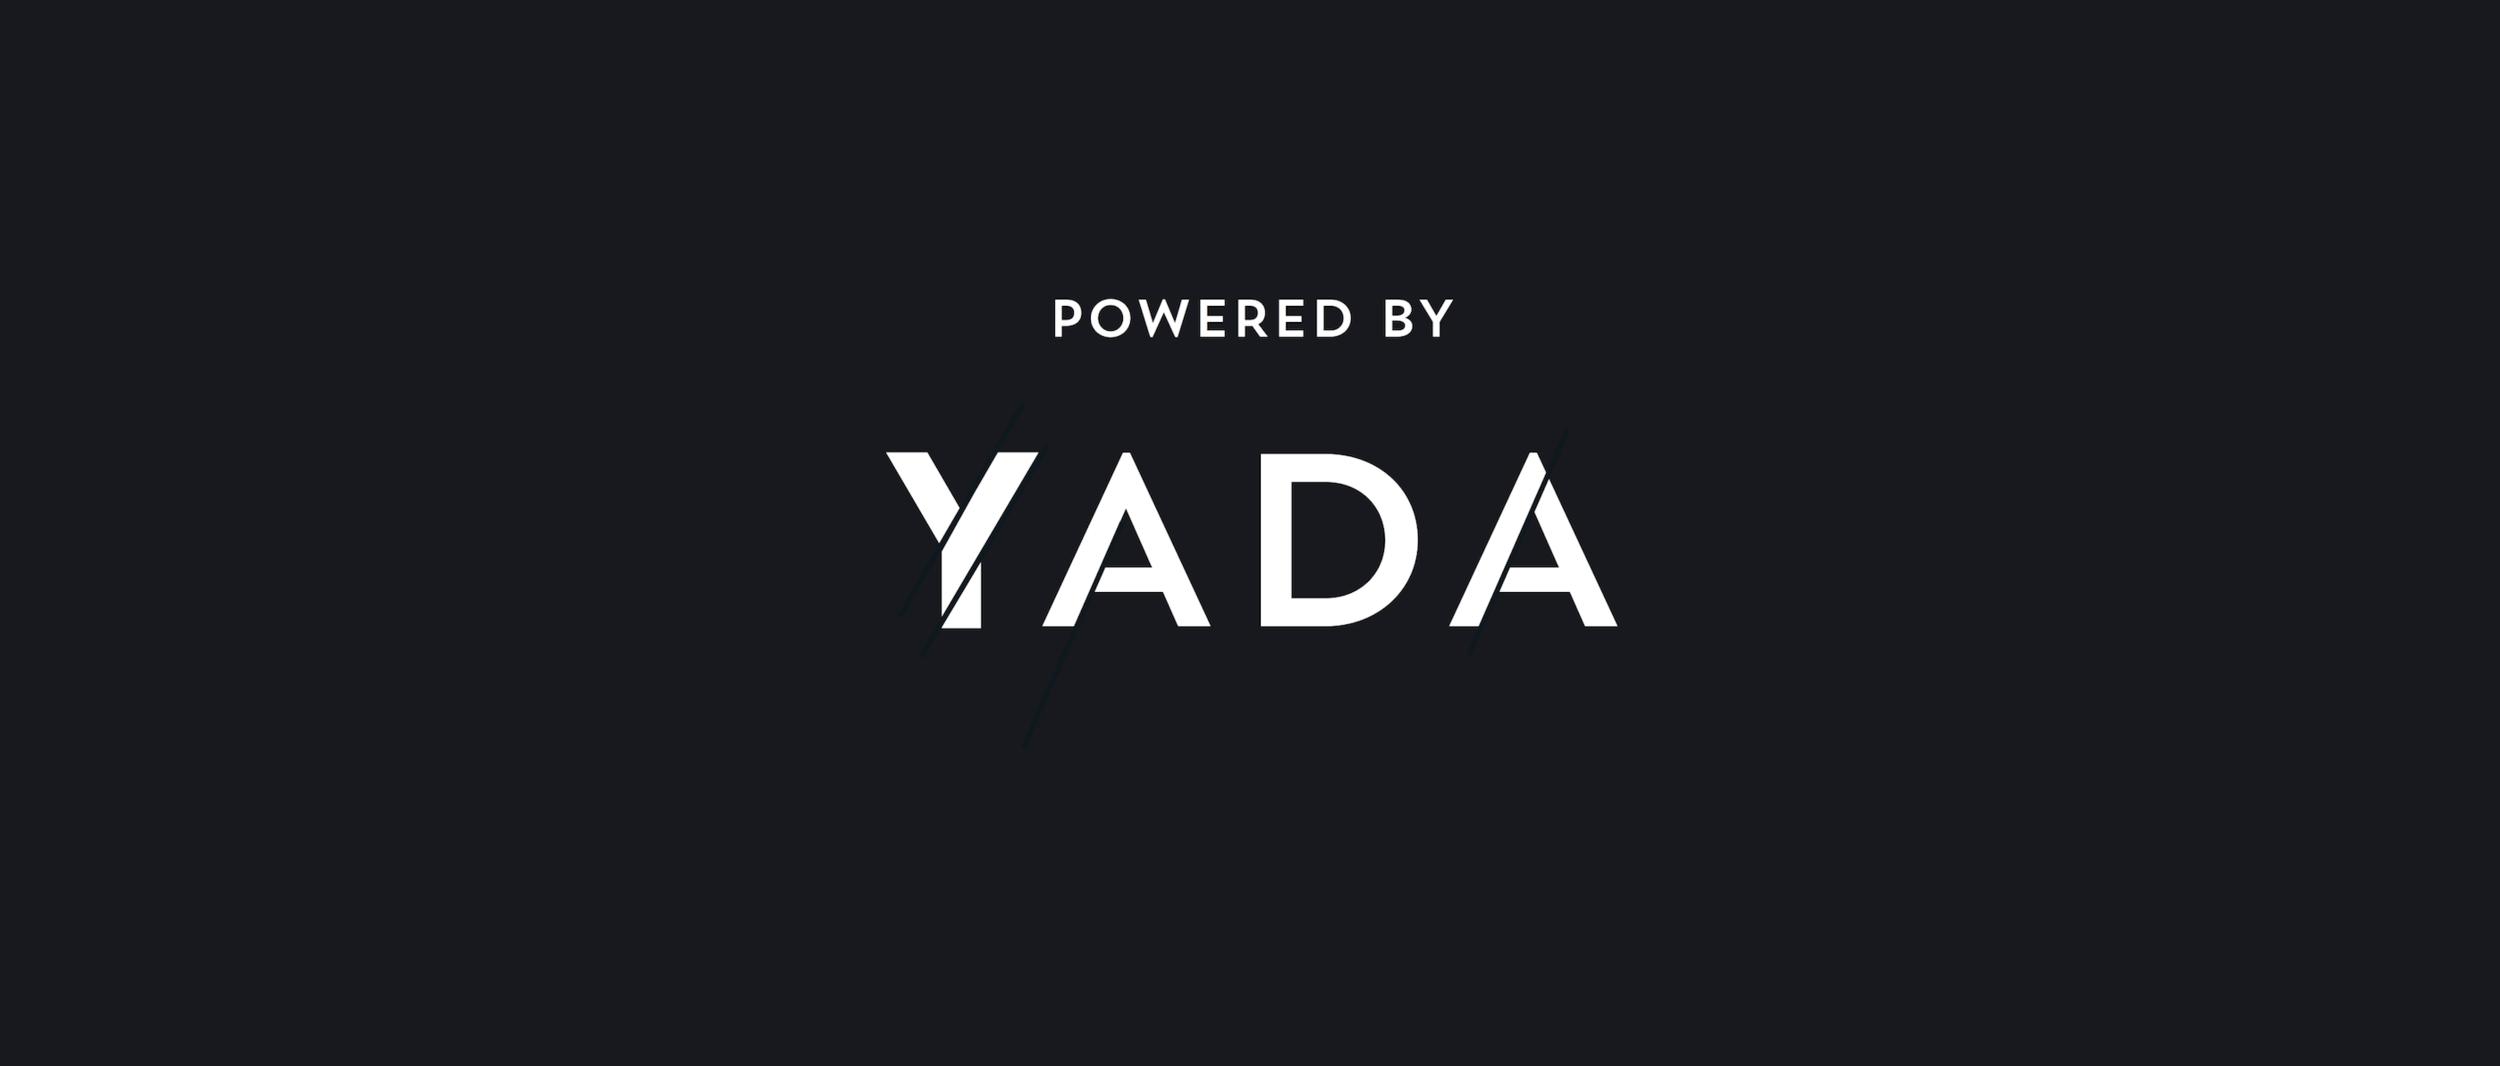 Yada_logo_Poweredby.png